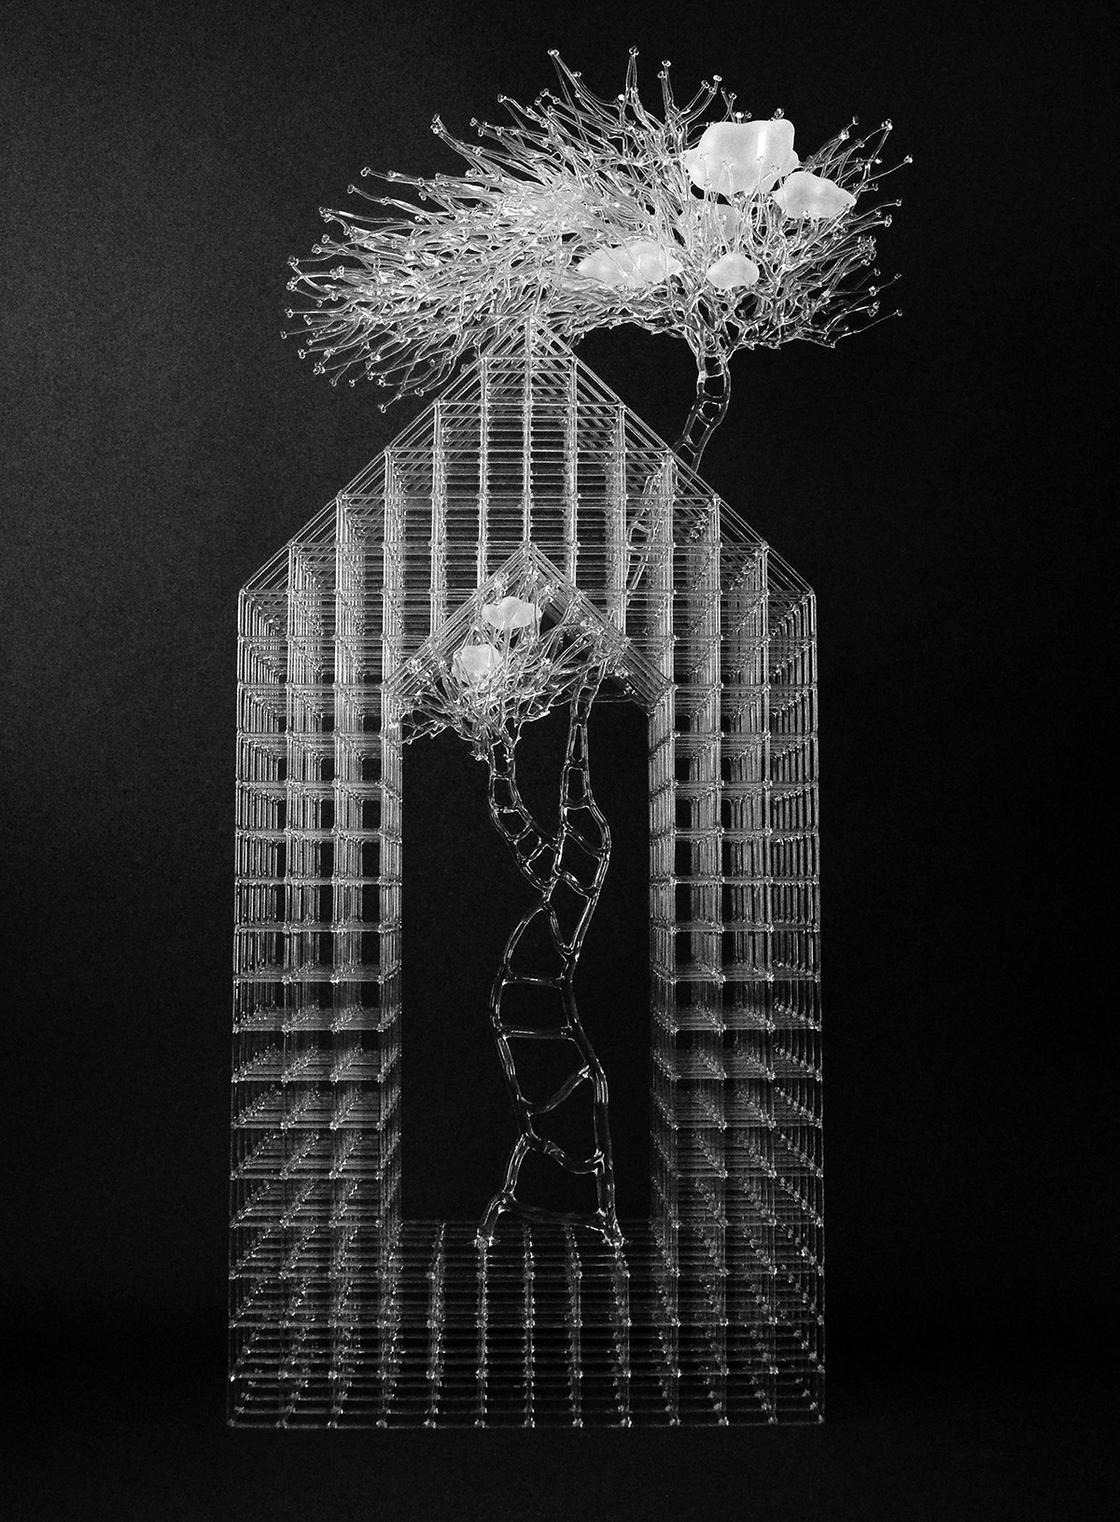 eunsuh-choi-glass-sculptures-6.jpg